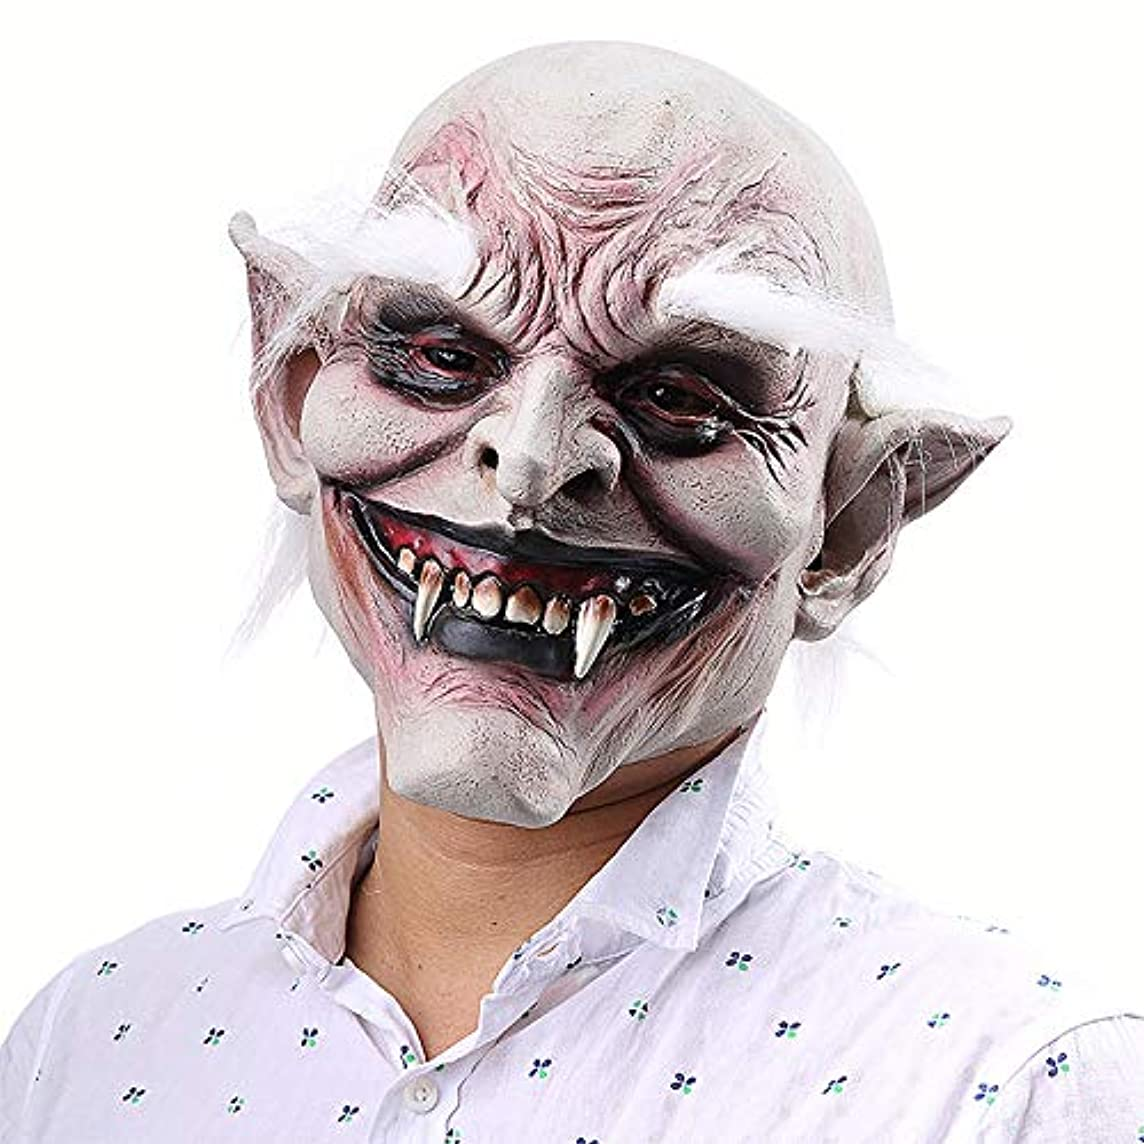 オアシス技術的なパンサー白閲覧古鬼ハロウィンホラー悪魔マスク吸血鬼対外貿易お化け屋敷ドレッシング小道具ラテックスフード